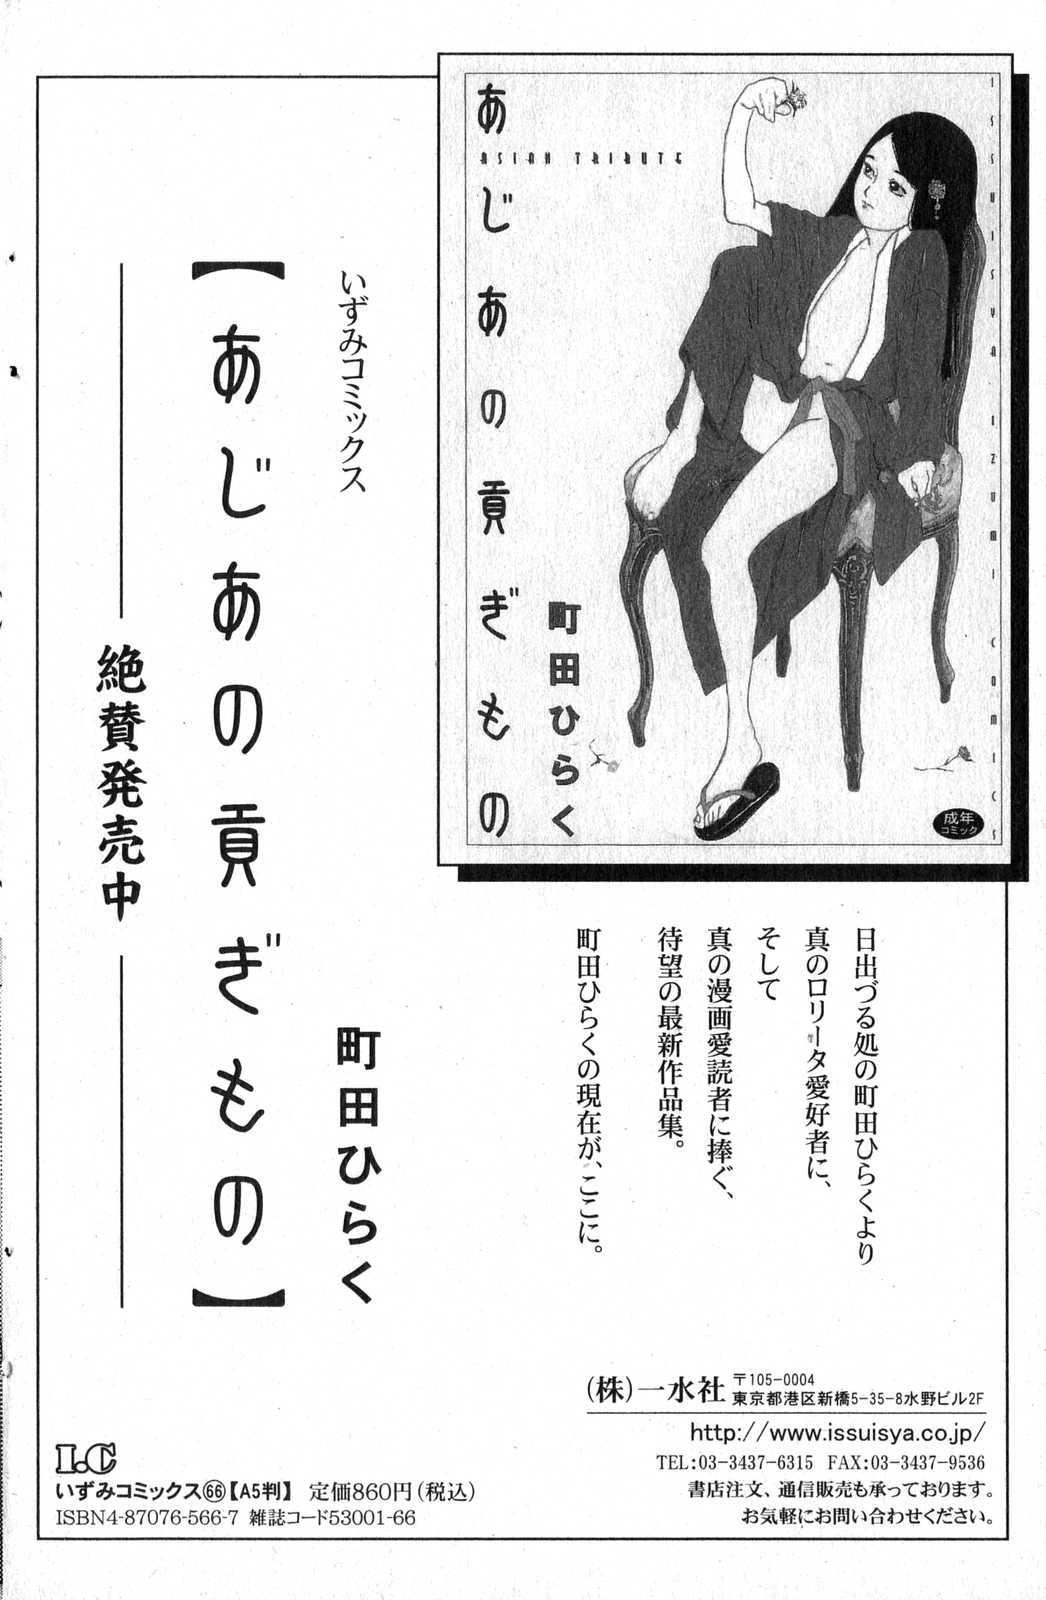 Bishoujo Teki Kaikatsu Ryoku 2007 Vol.15 119